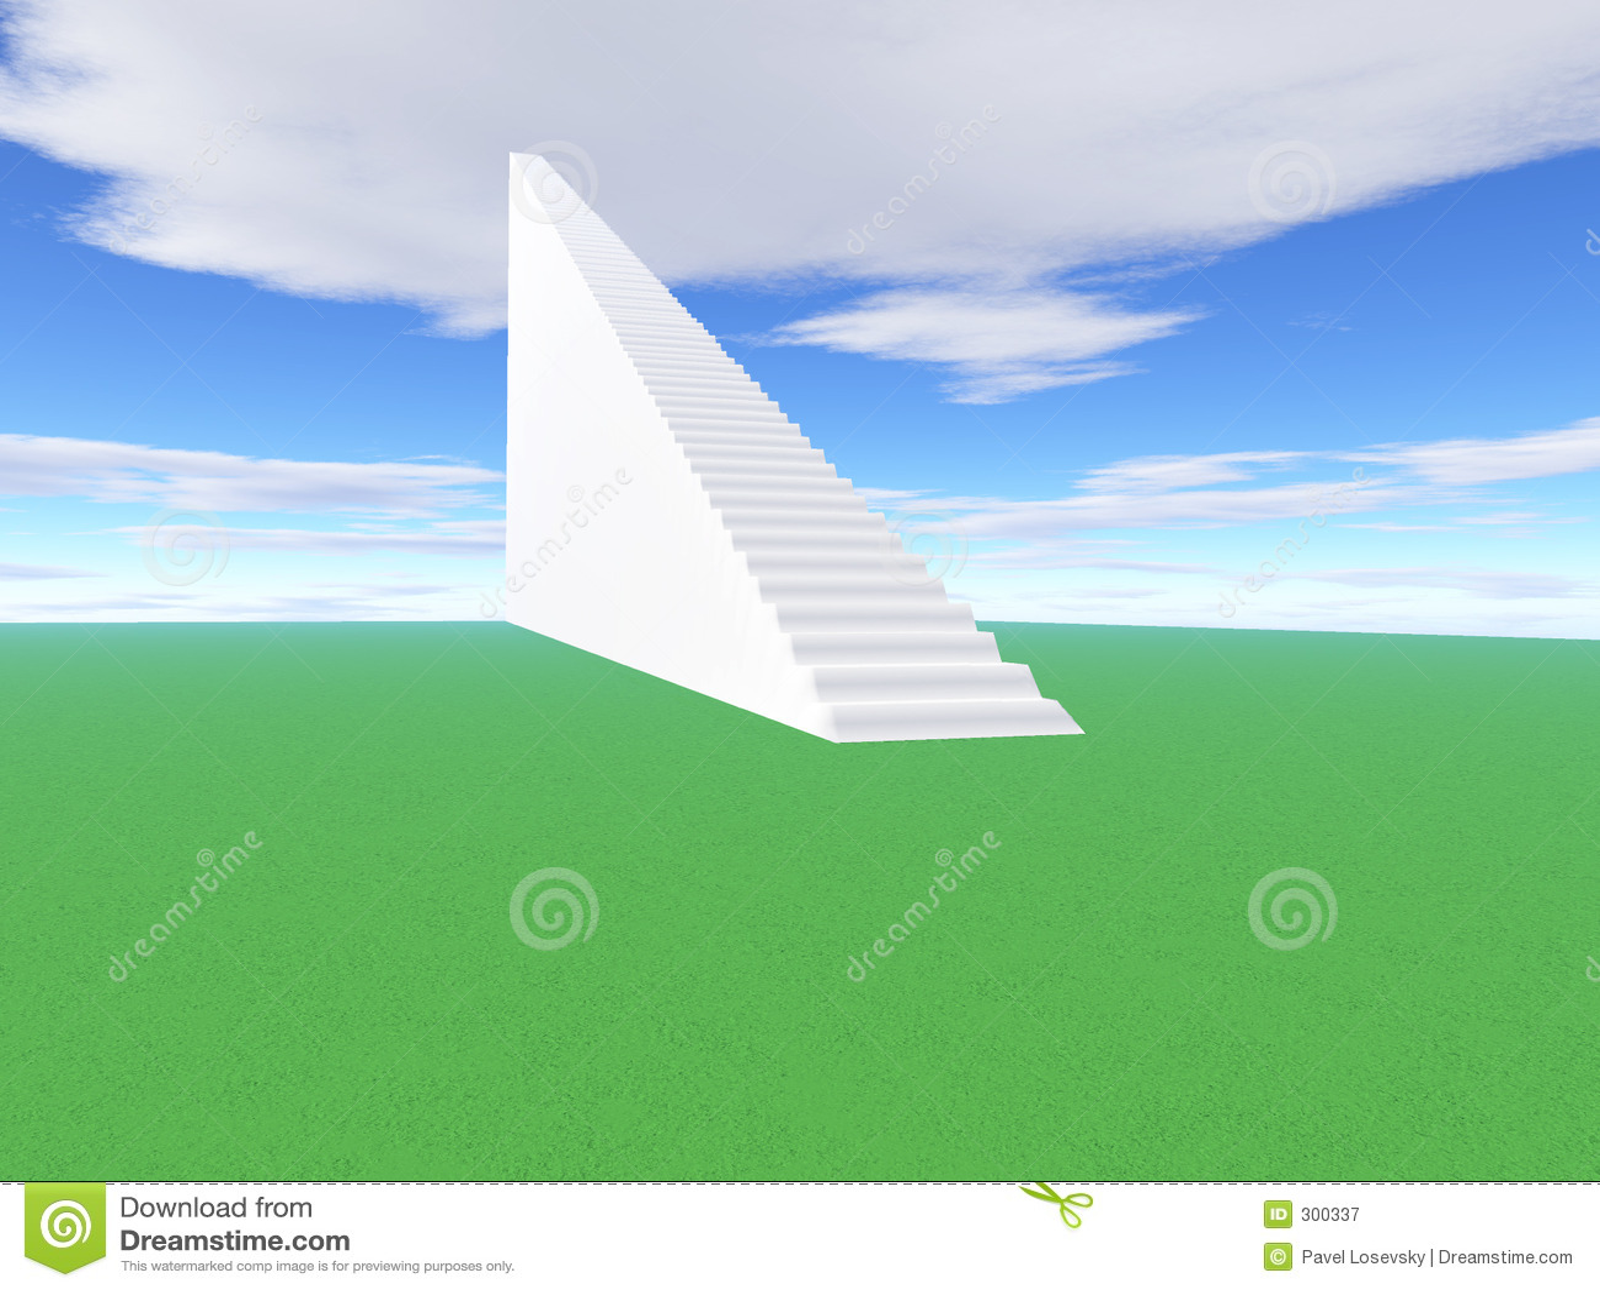 Treppenhaus, zum zum Erfolg zu steigen